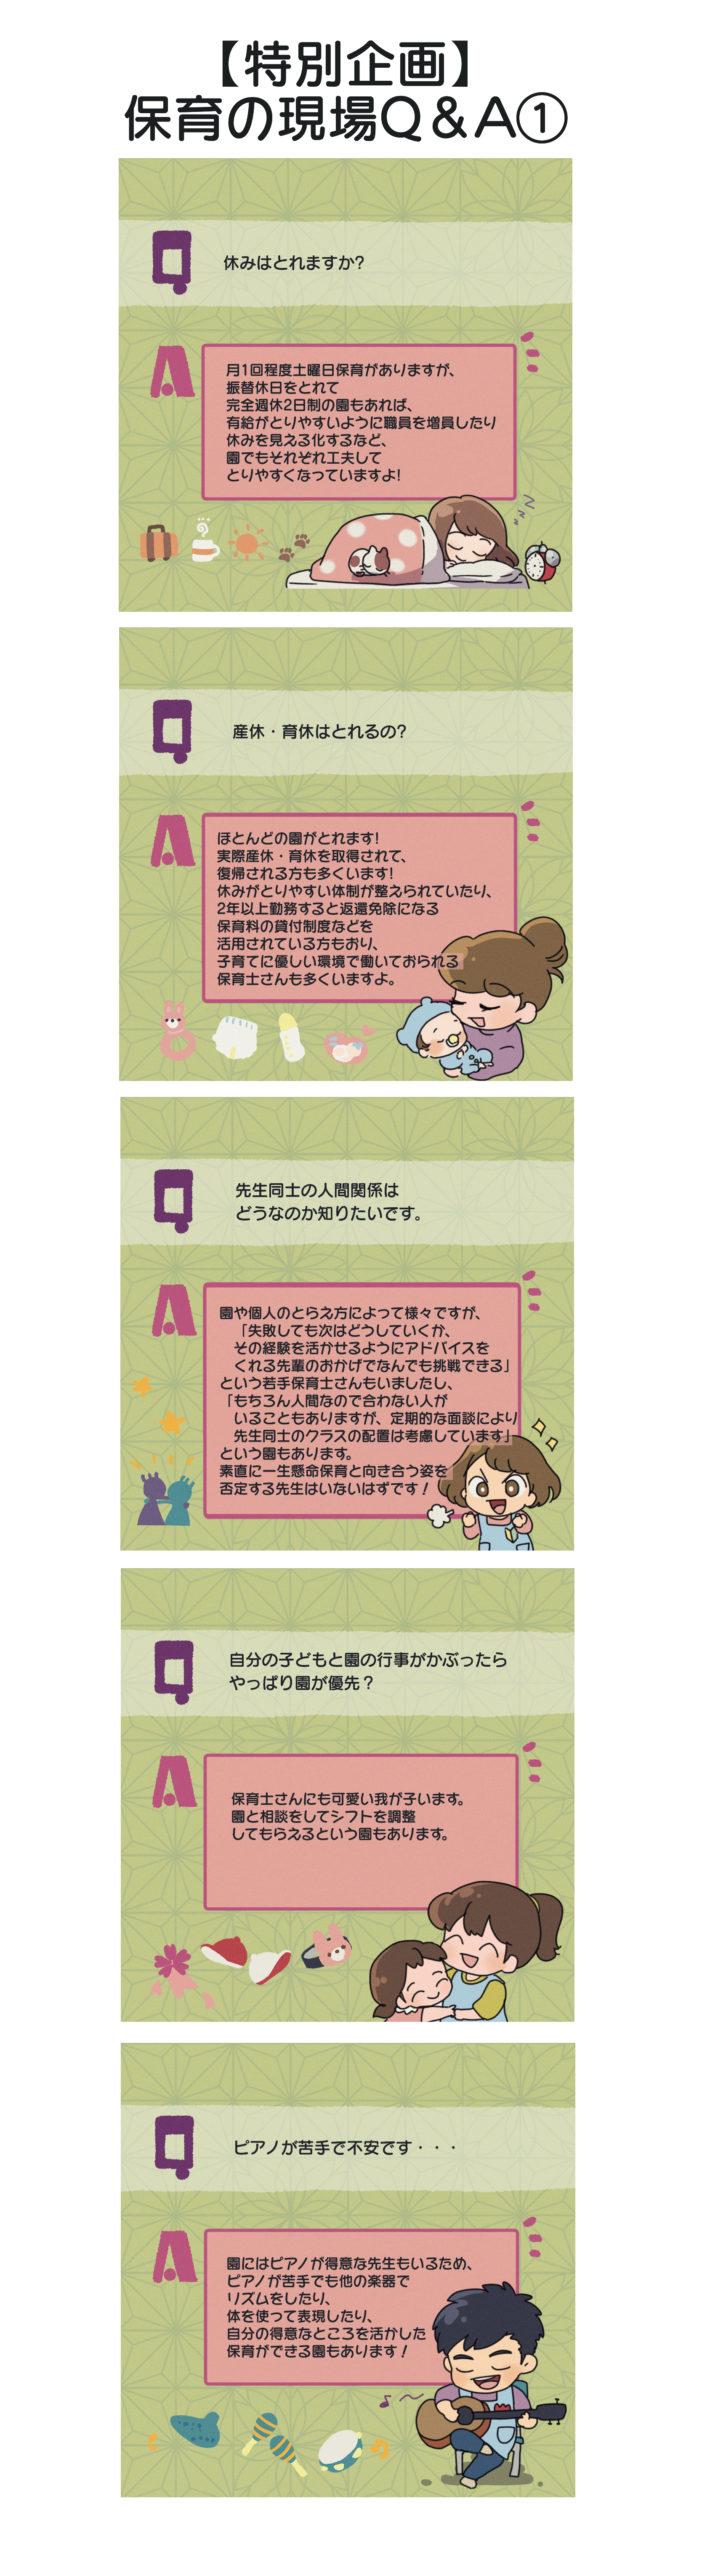 【特別企画】保育の現場Q&A①